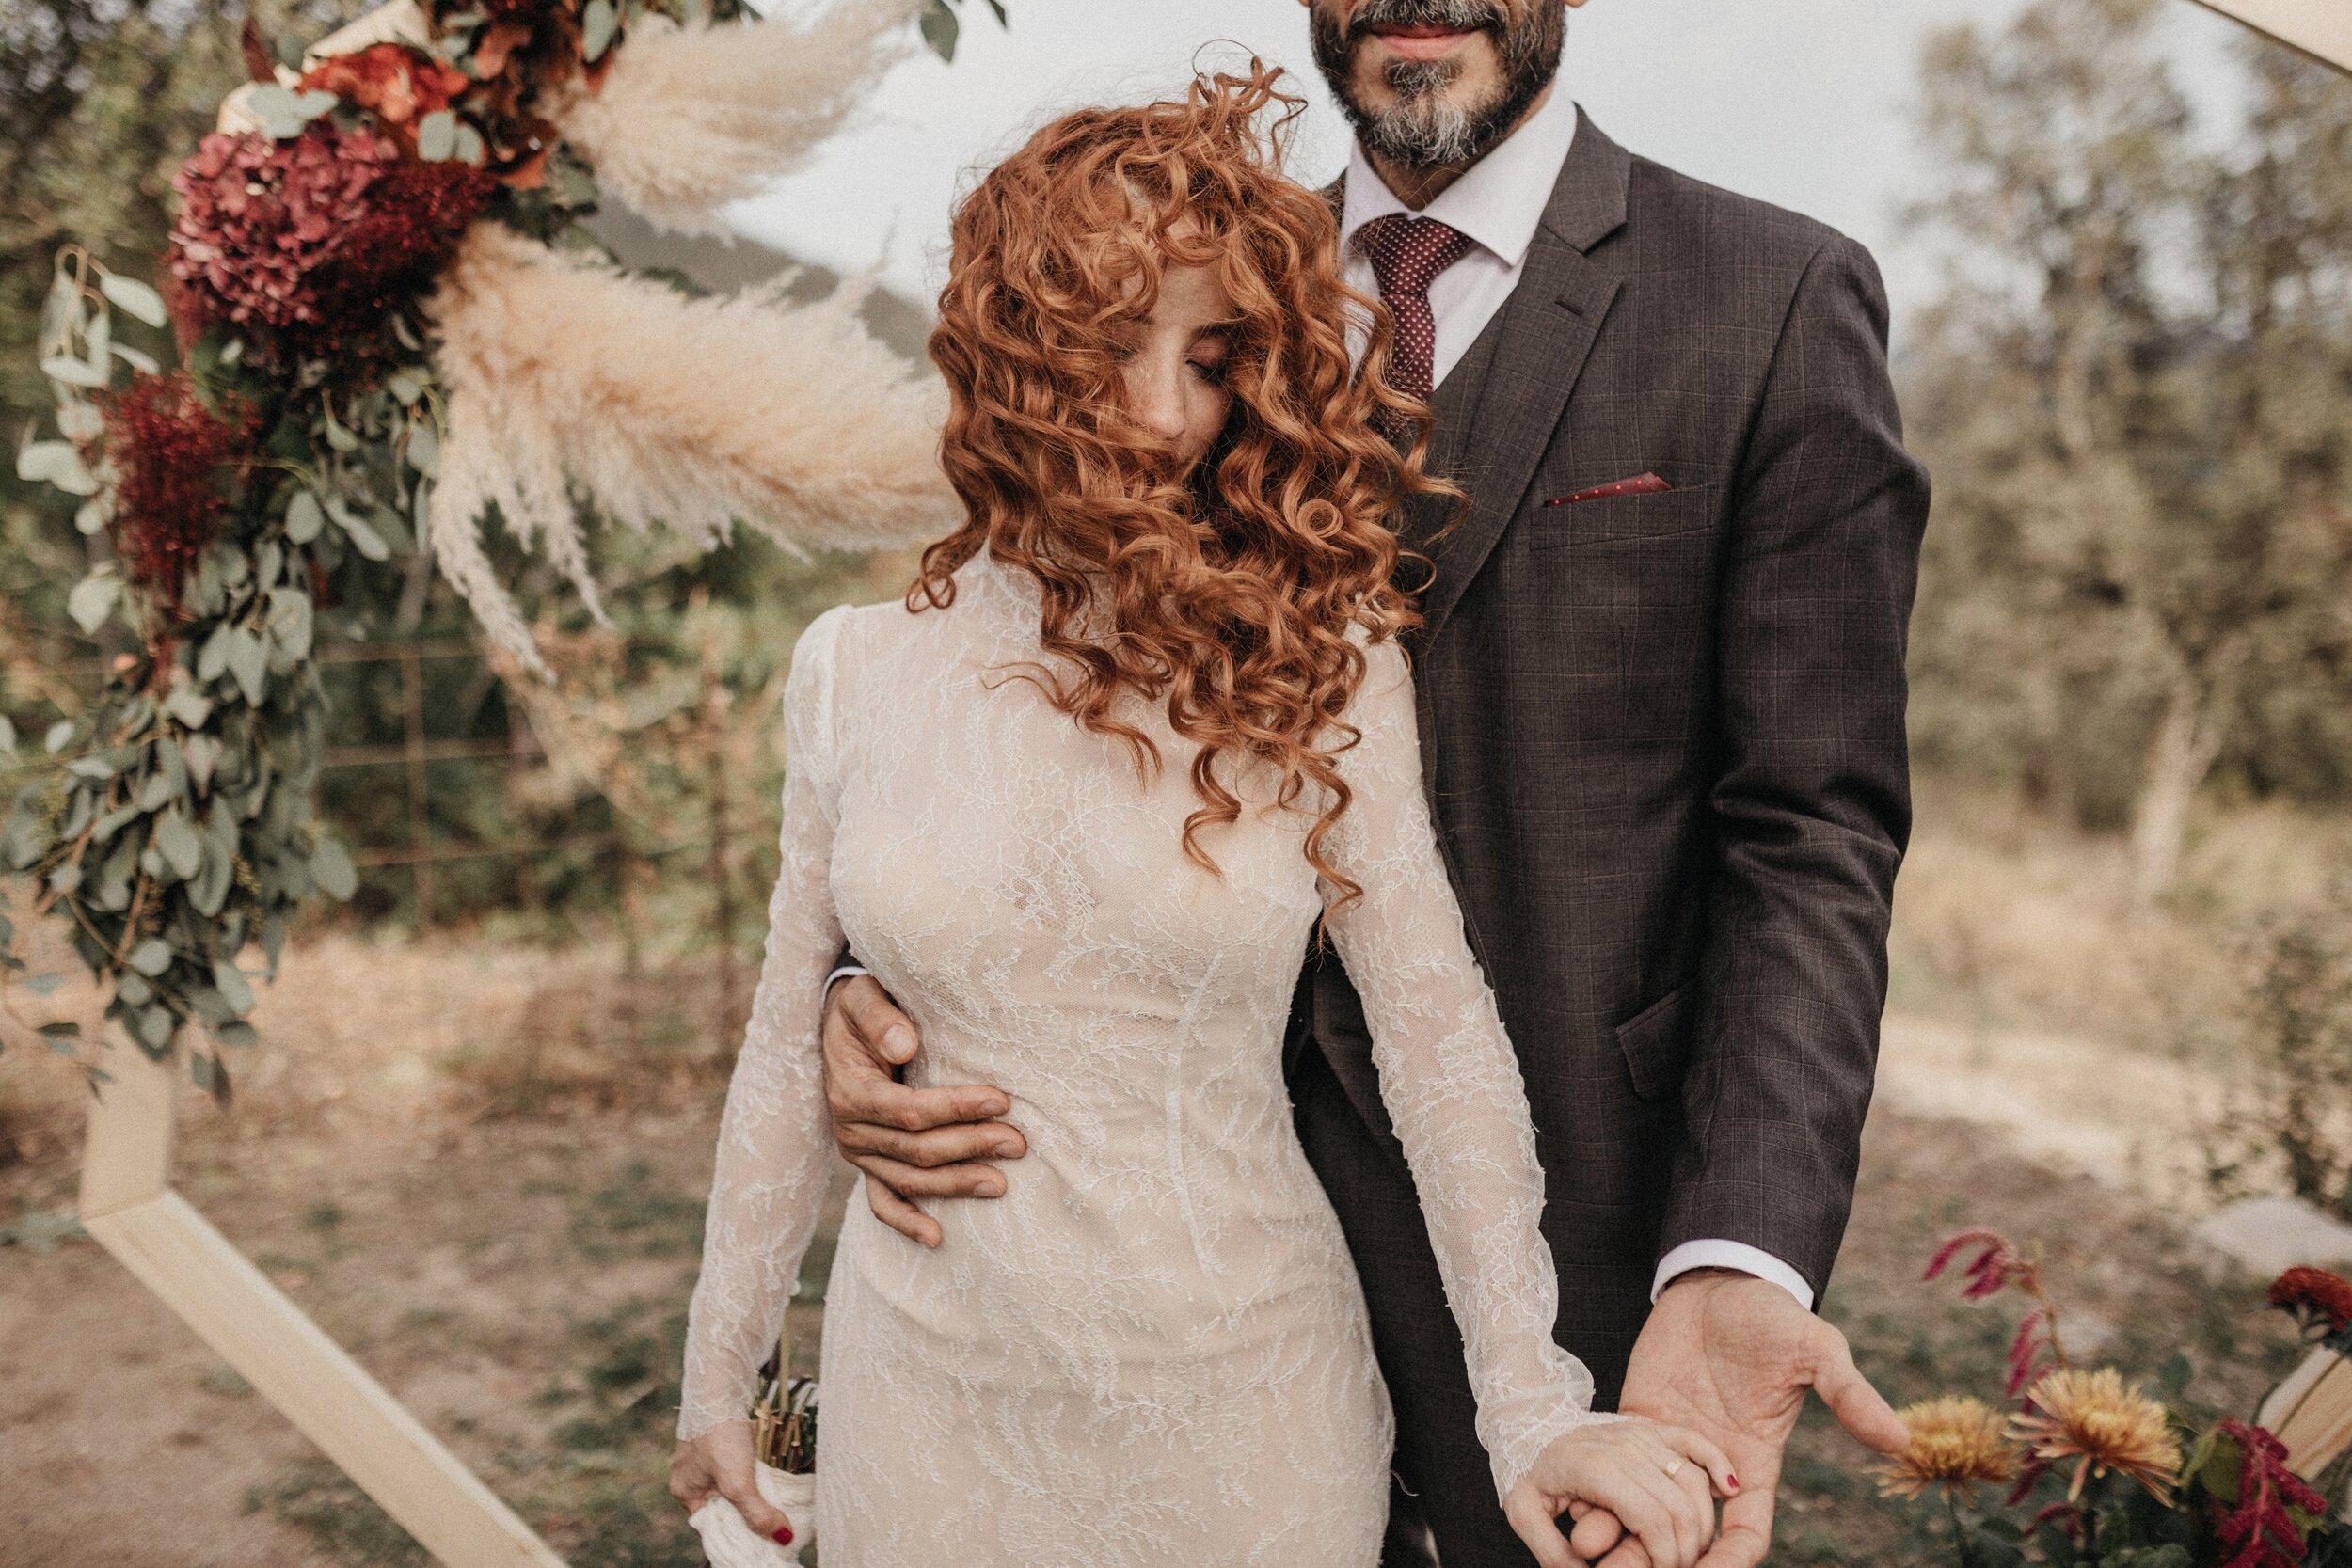 Serafin Castillo fotografo de bodas malaga marbella wedding photographer spain destination wedding